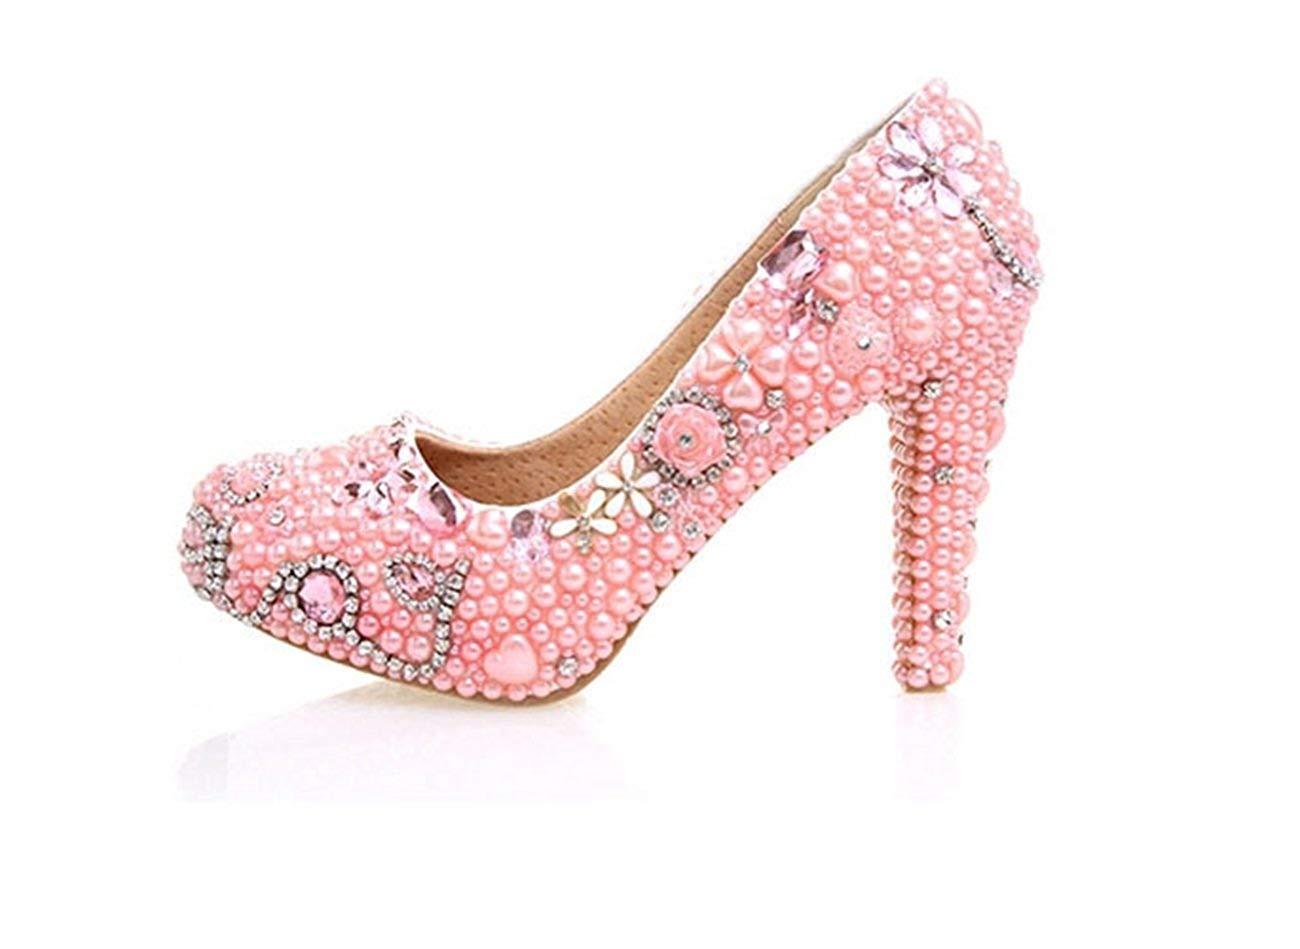 Fuxitoggo Damen Handarbeit Perlen Braut Hochzeit Pumps Schuhe (Farbe   Rosa-10cm Heel, Größe   4 UK)